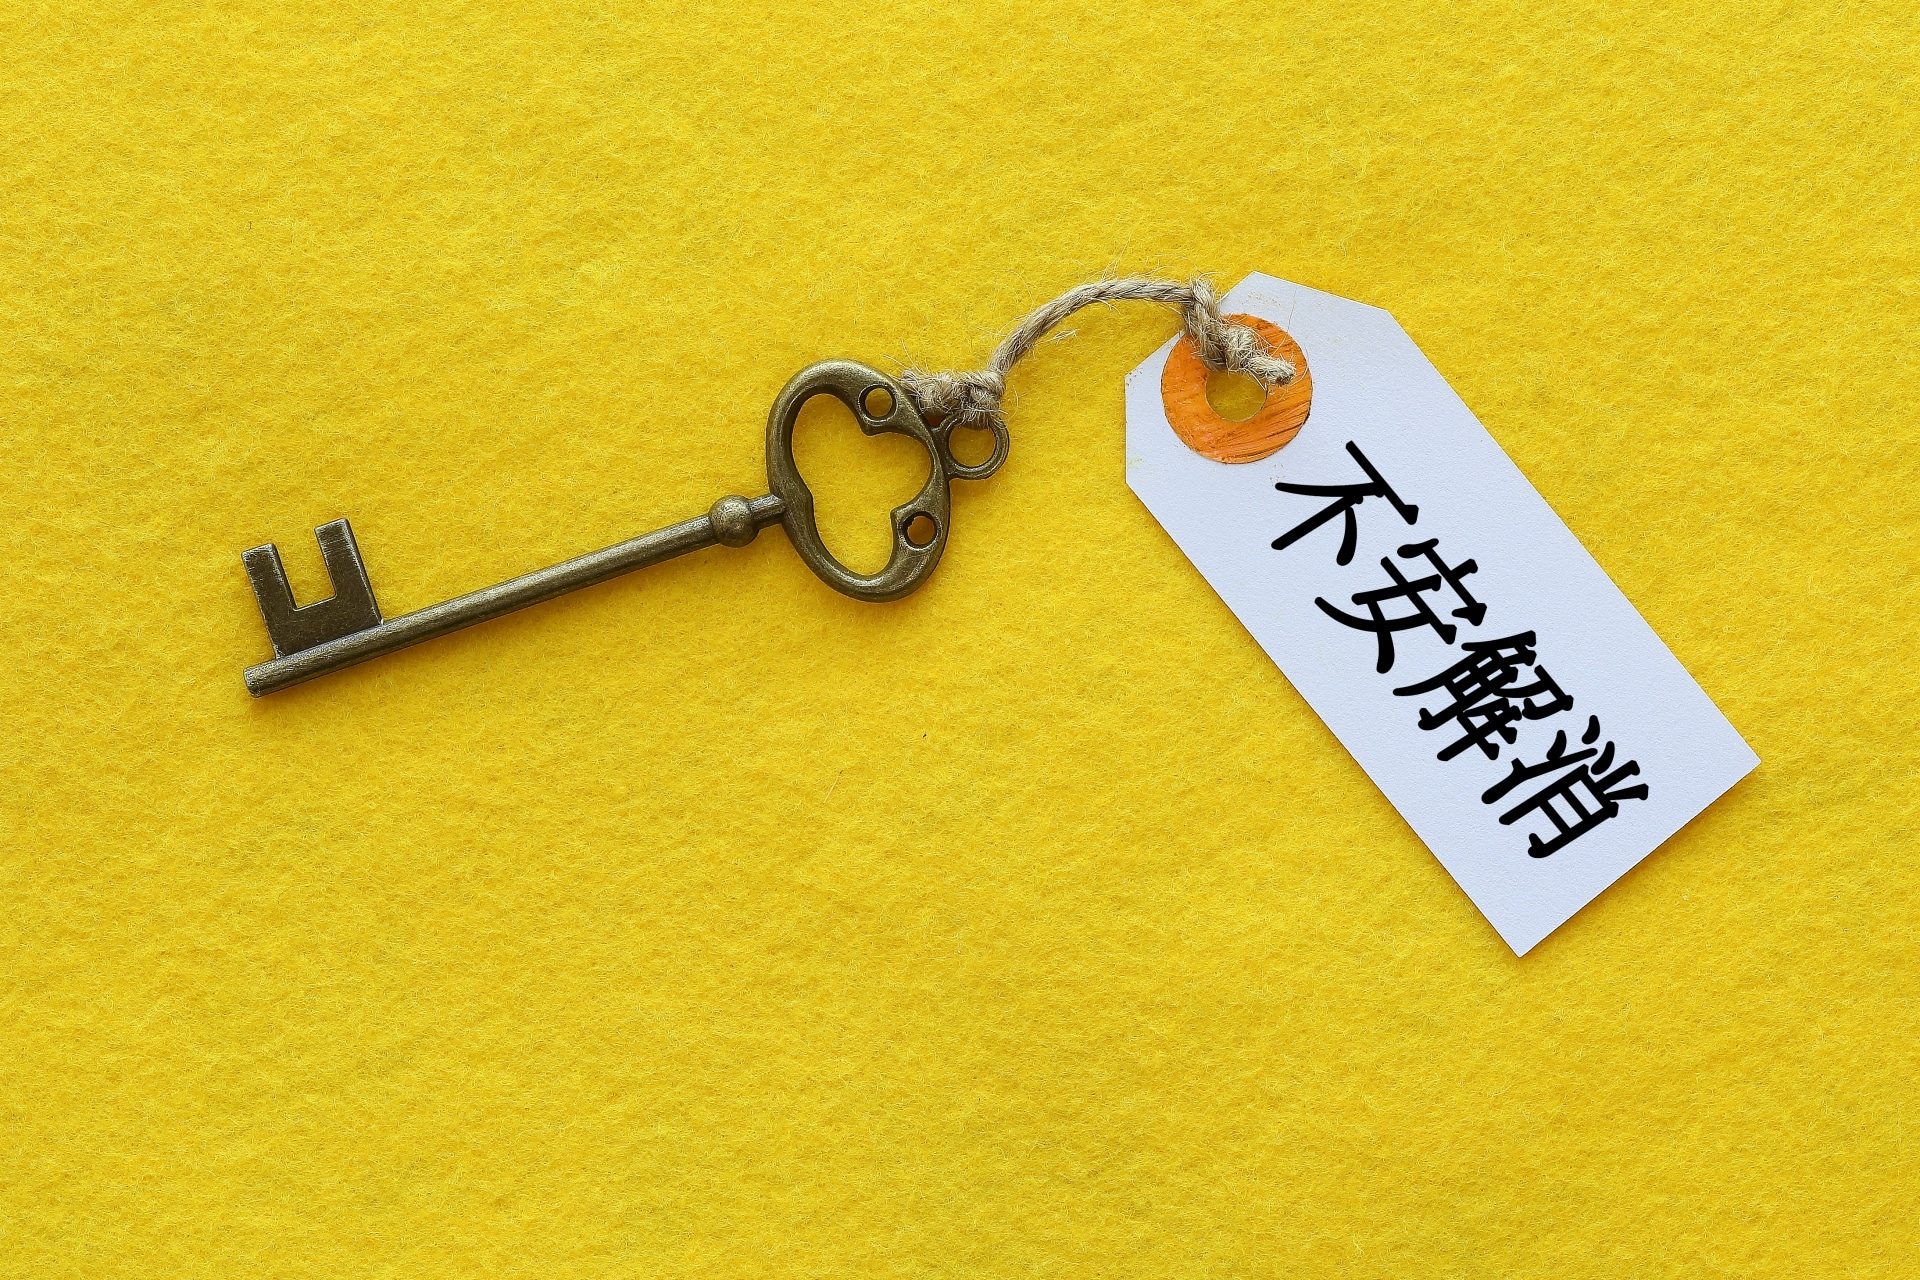 鍵、不安解消の文字